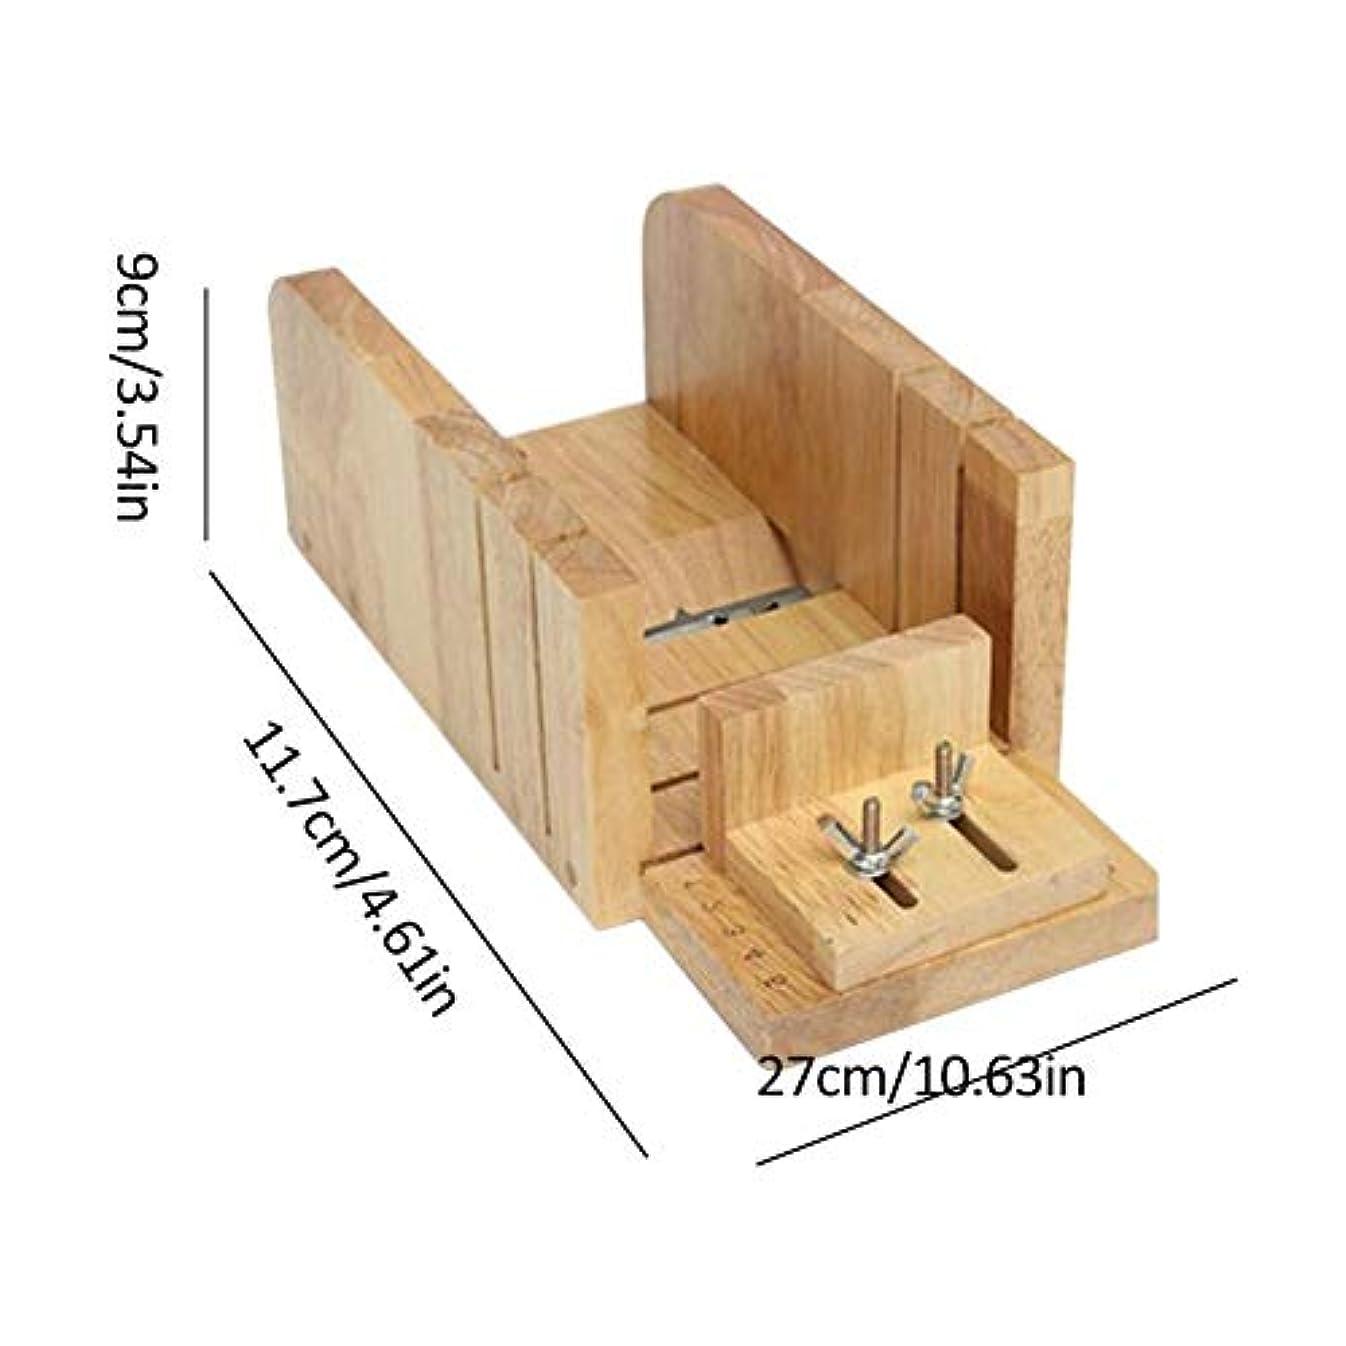 ケントミル兄3点セット ソープカッター 石けん金型ソープロープ カッター 木製 カッター ツールDIY 手作り 木製ボックス松木製 ストレートソープ包丁 ナイフ モールドソープ調整可能レトロ